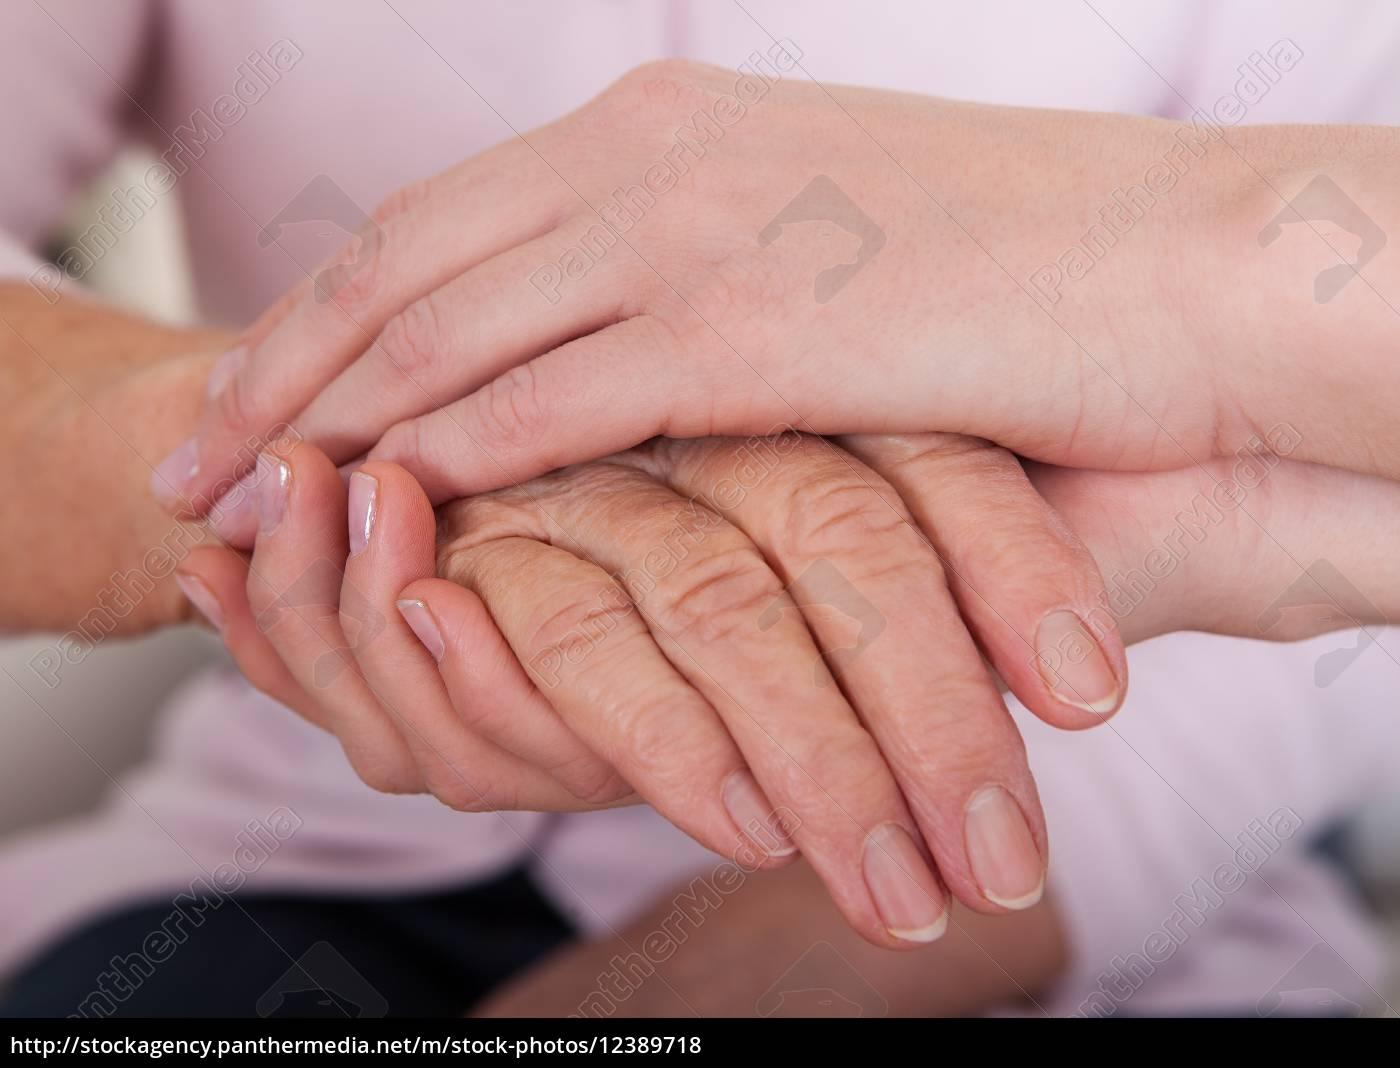 junge, frau, welche, die, hand, der, älteren - 12389718